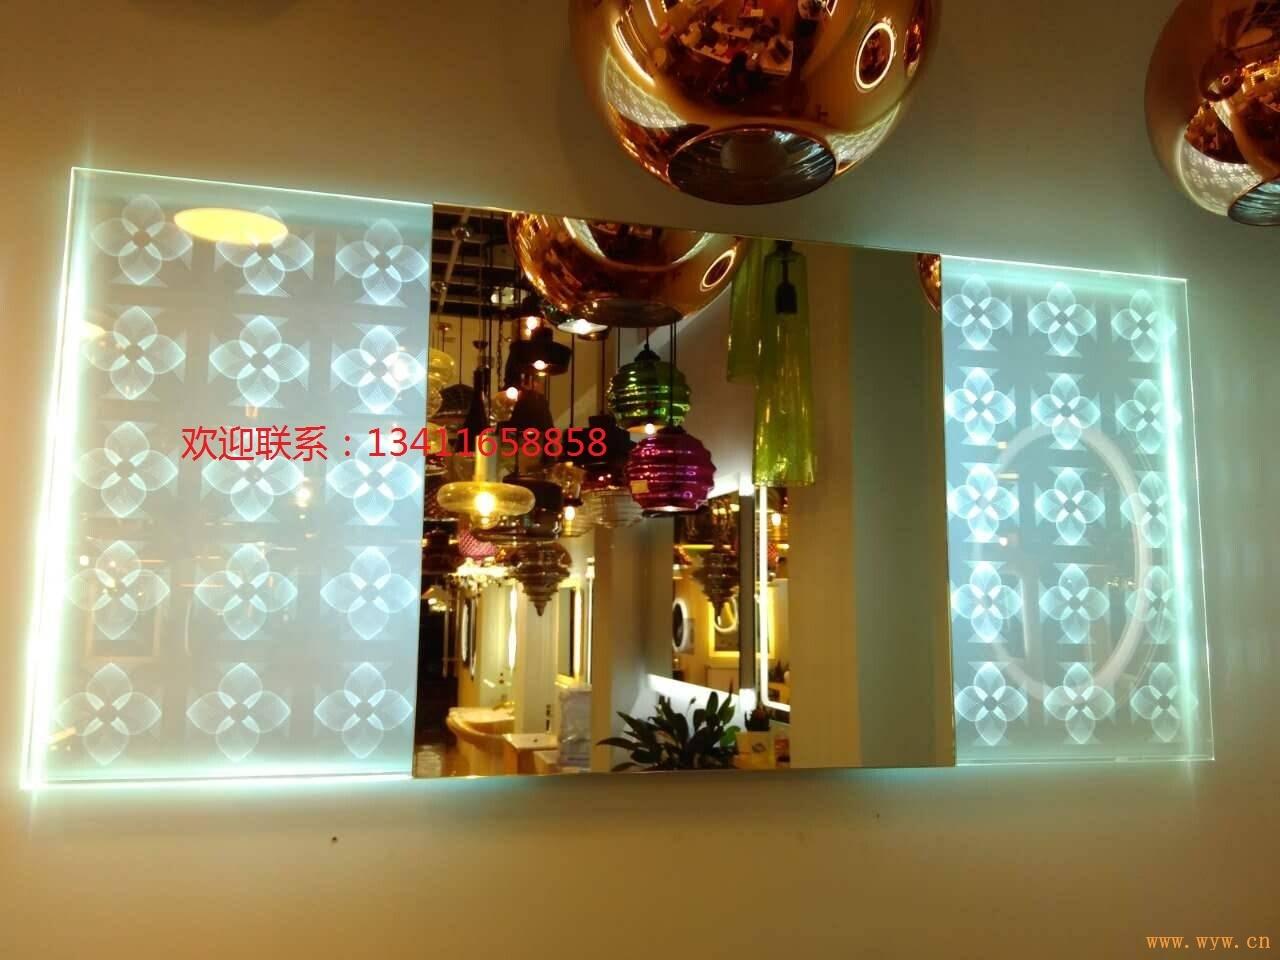 供应现代简约LED浴室带灯防雾镜